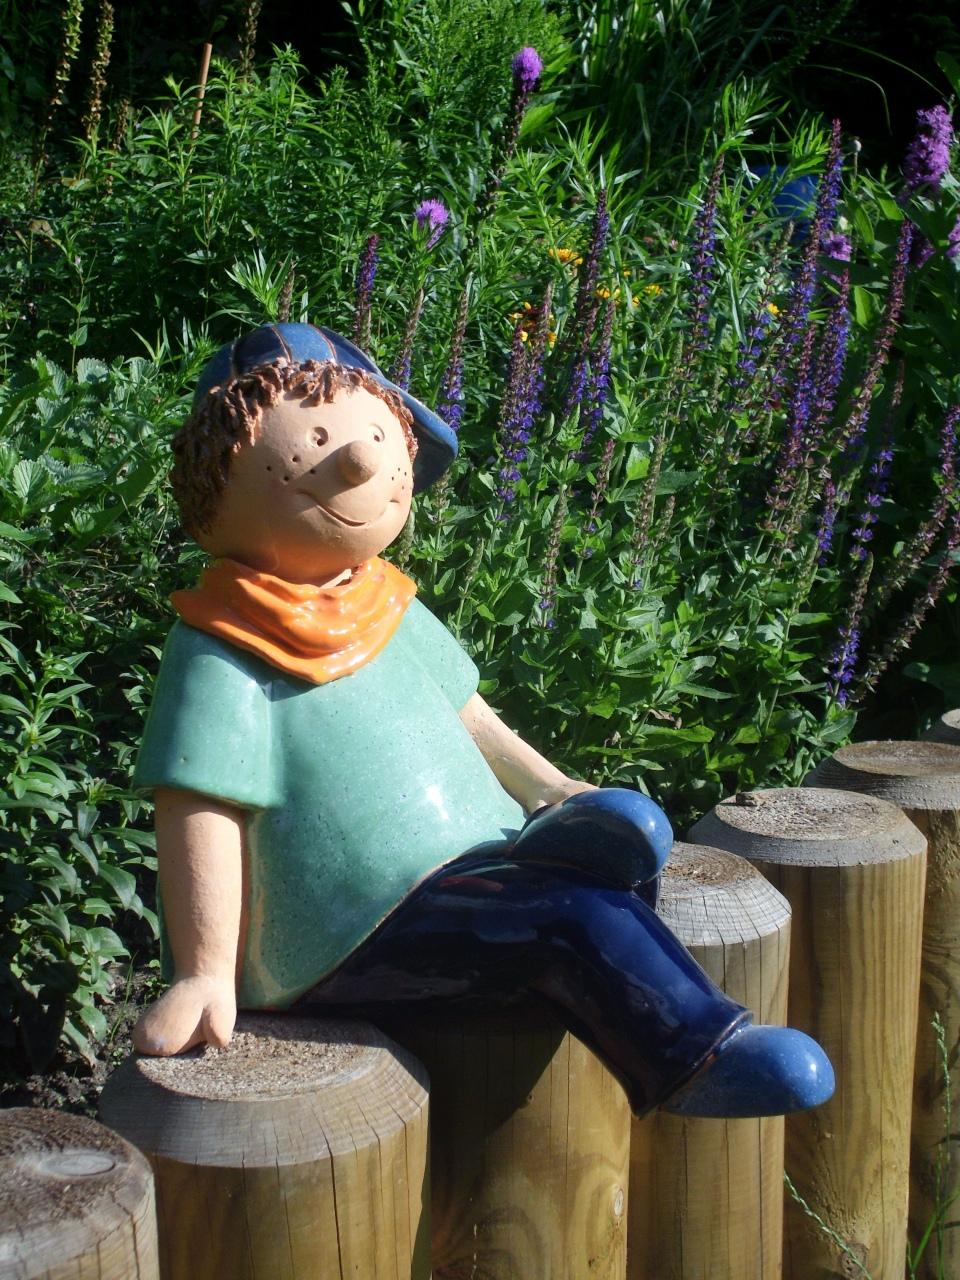 yoga frog garden sculpture keramik figur gartenkeramik gartendeko garten of yoga frog garden sculpture